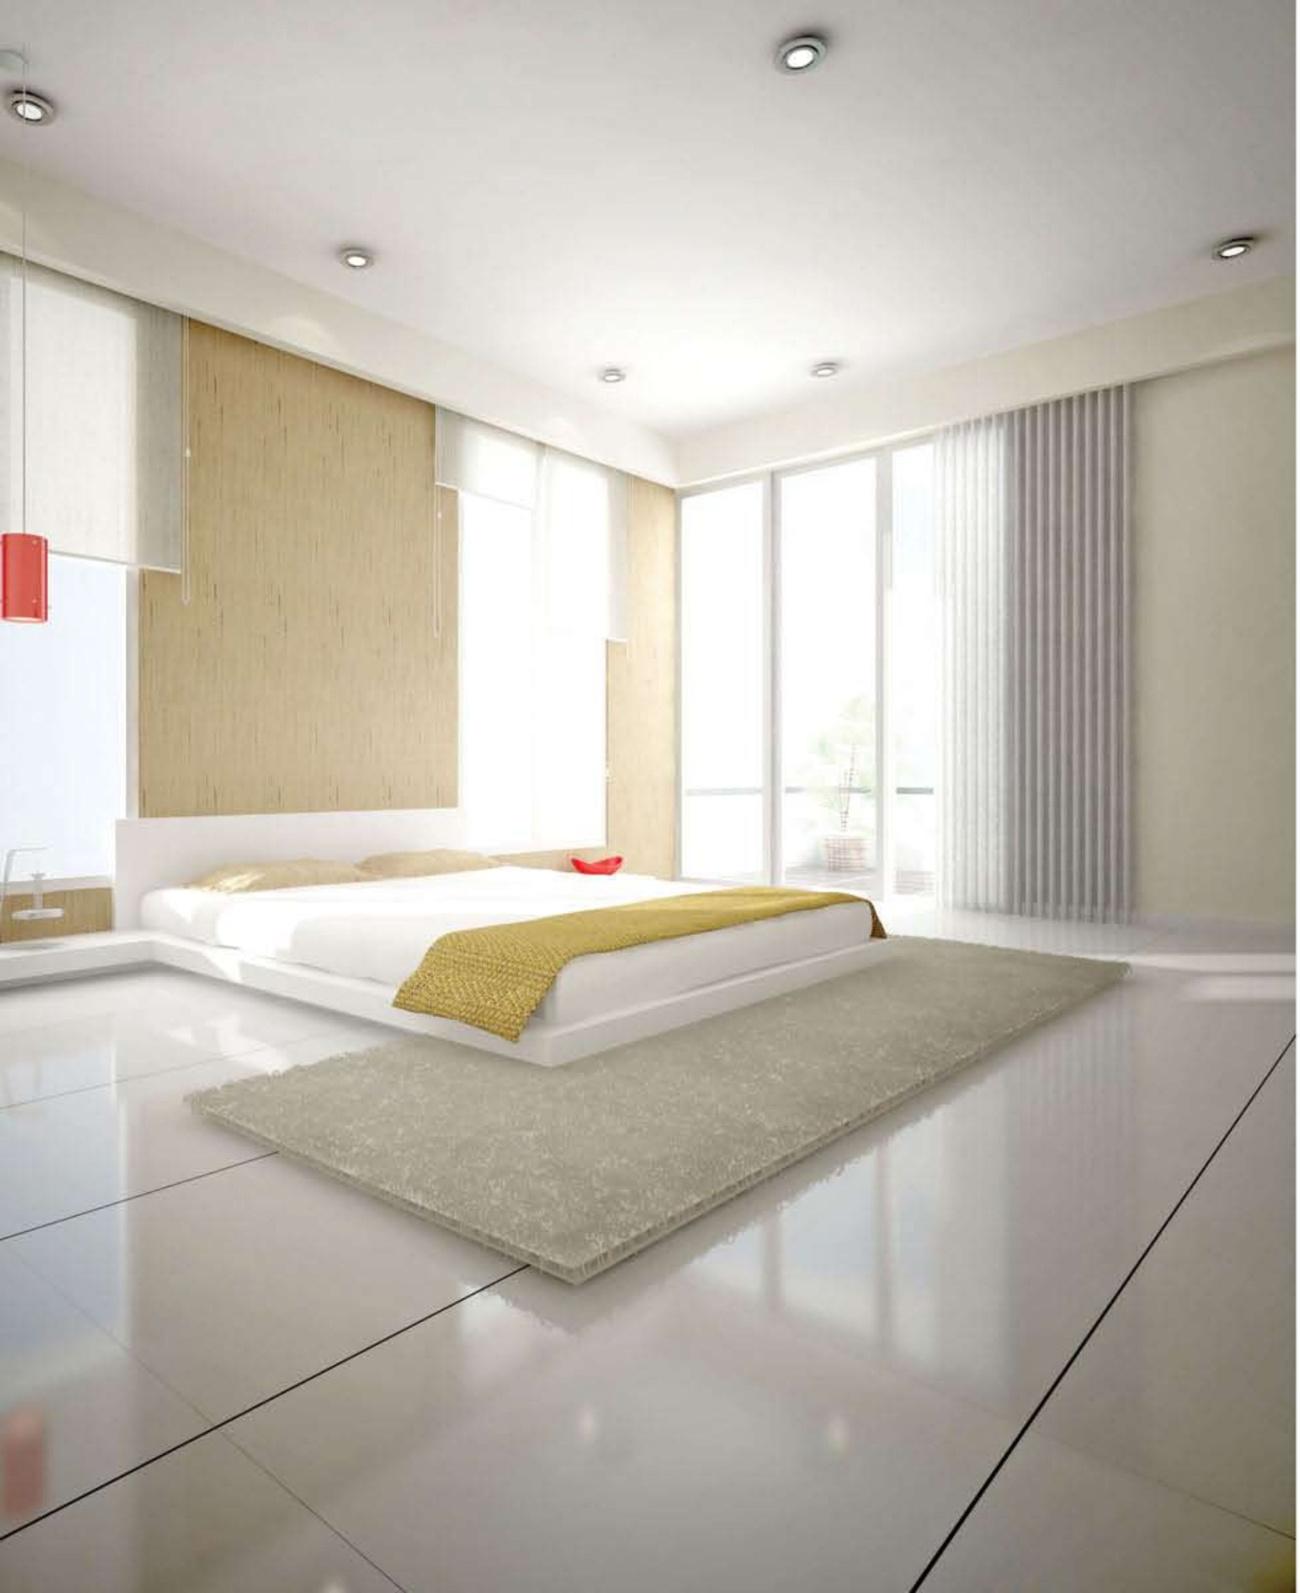 Bedroom Above Kitchen Vastu